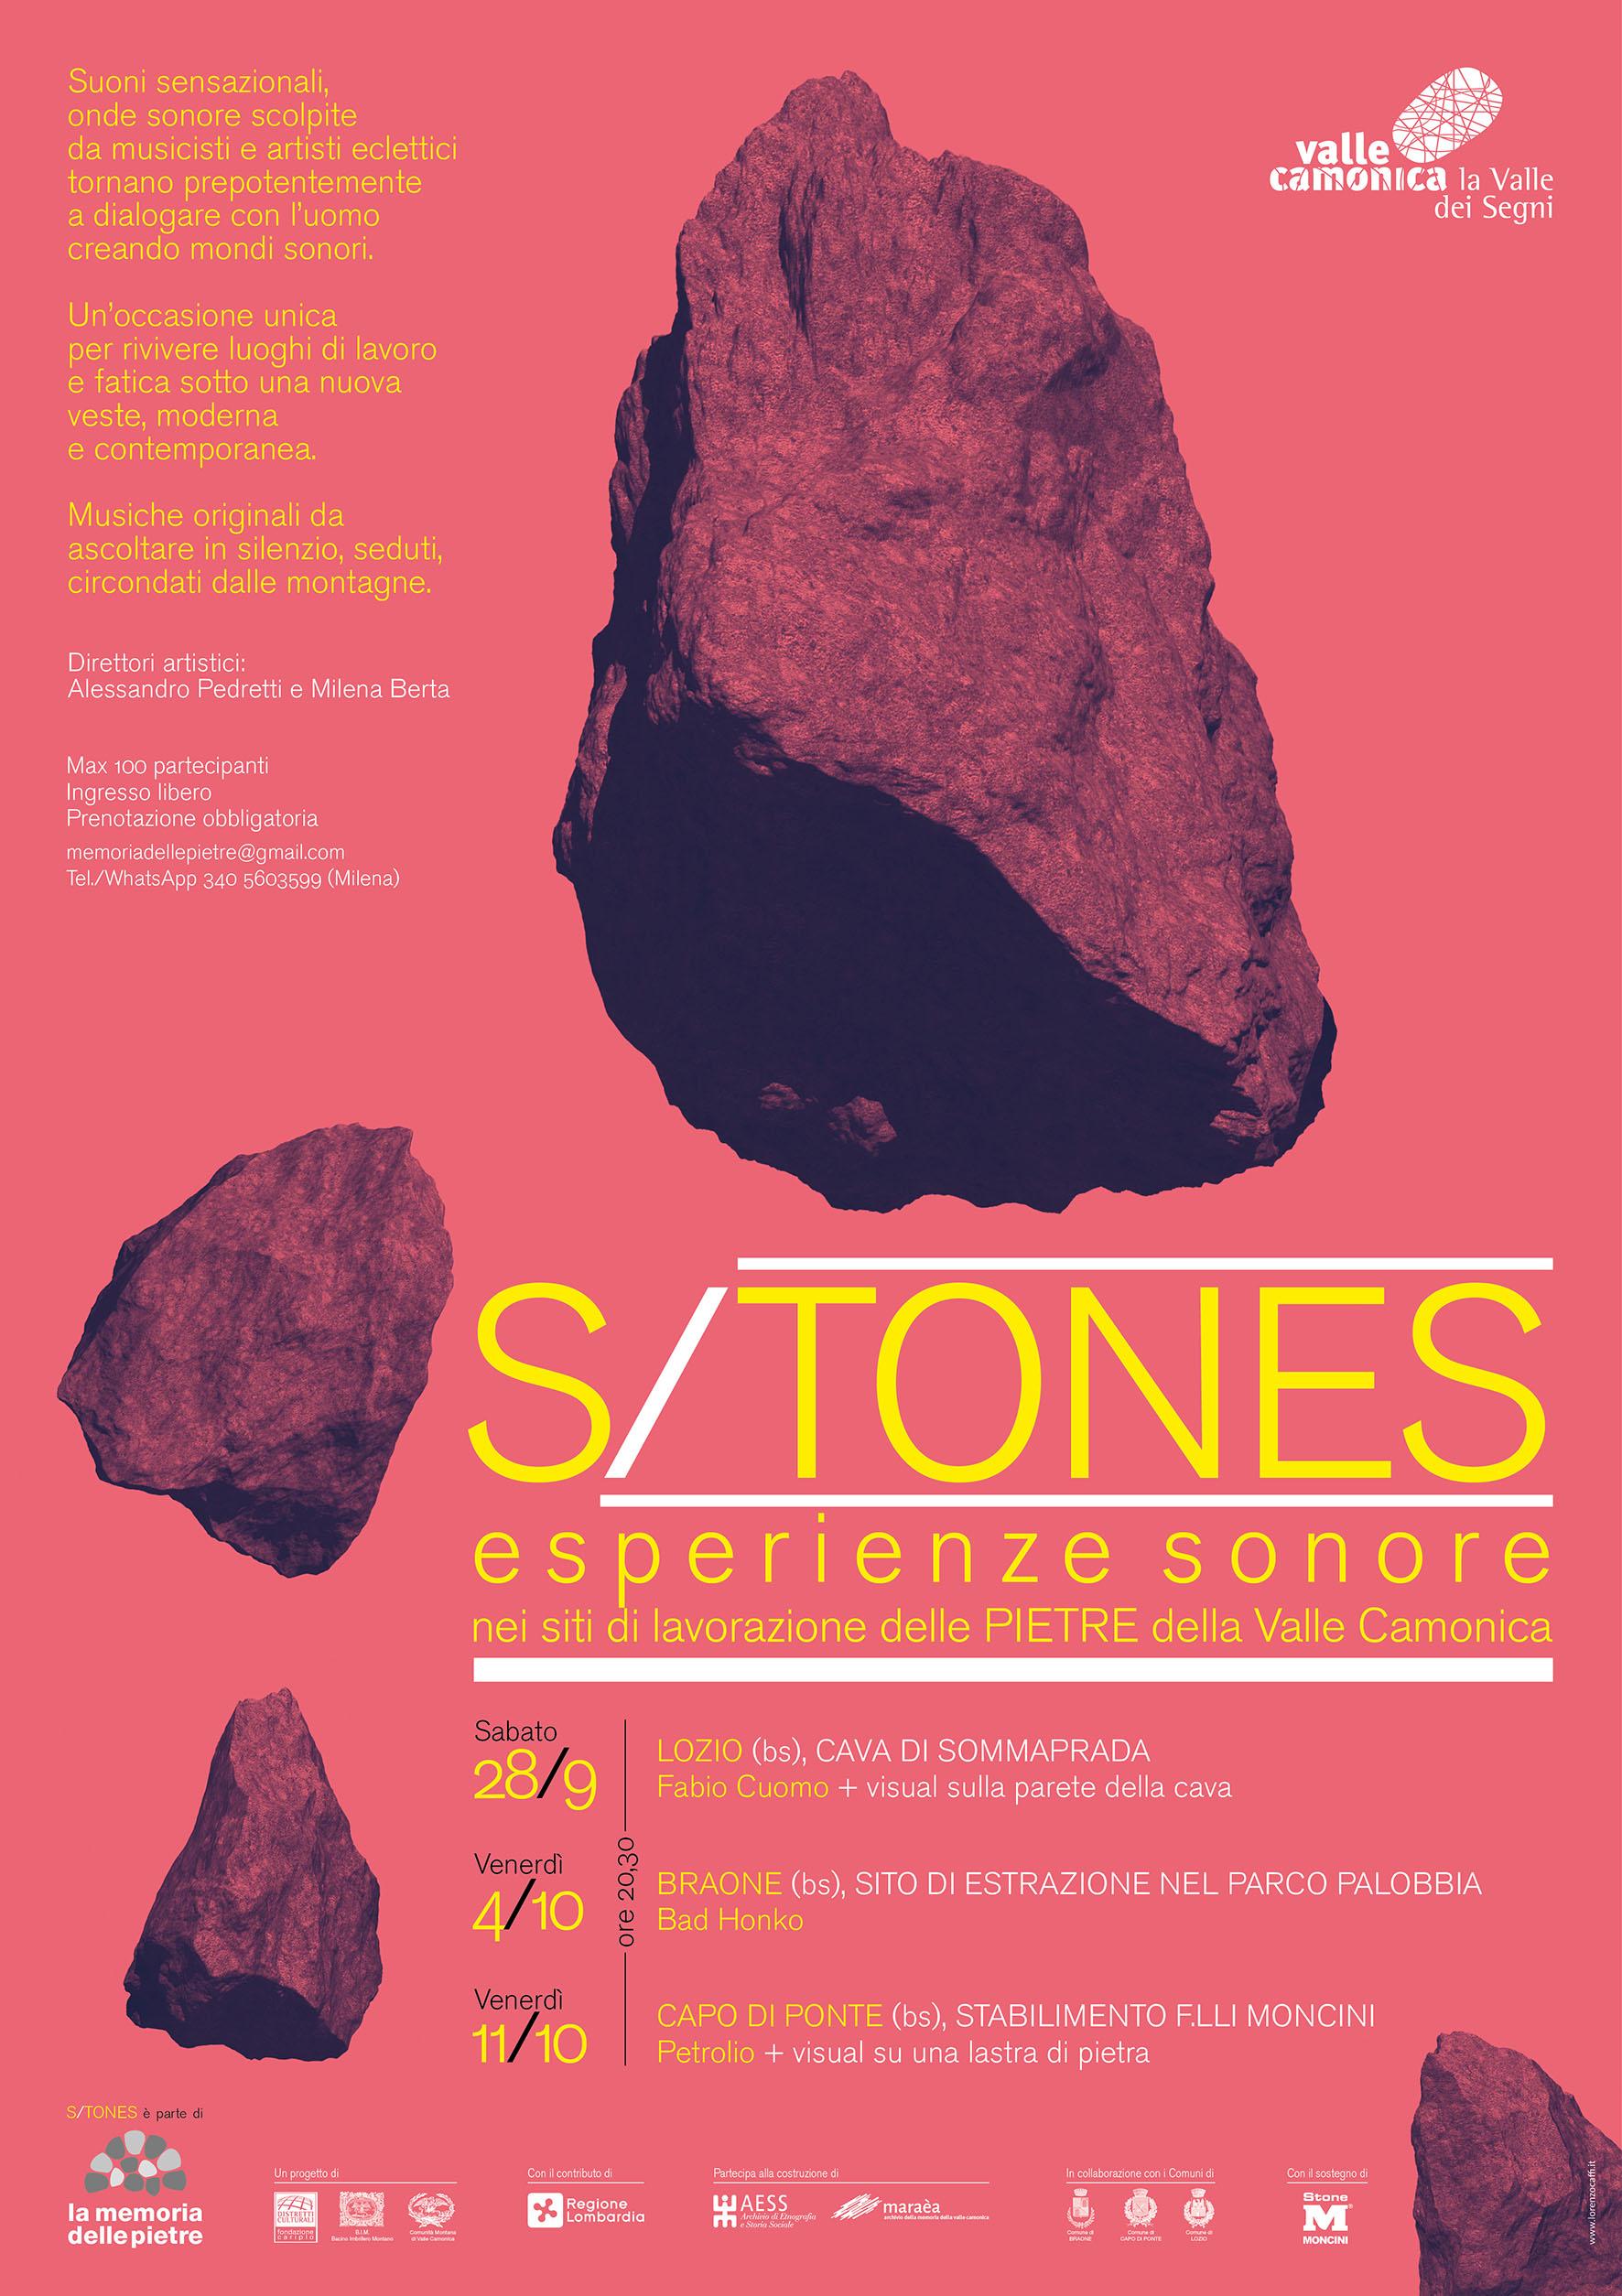 s/tones, festival, musica sperimentale, cave, valle camonica, distretto culturale, la memoria delle pietre